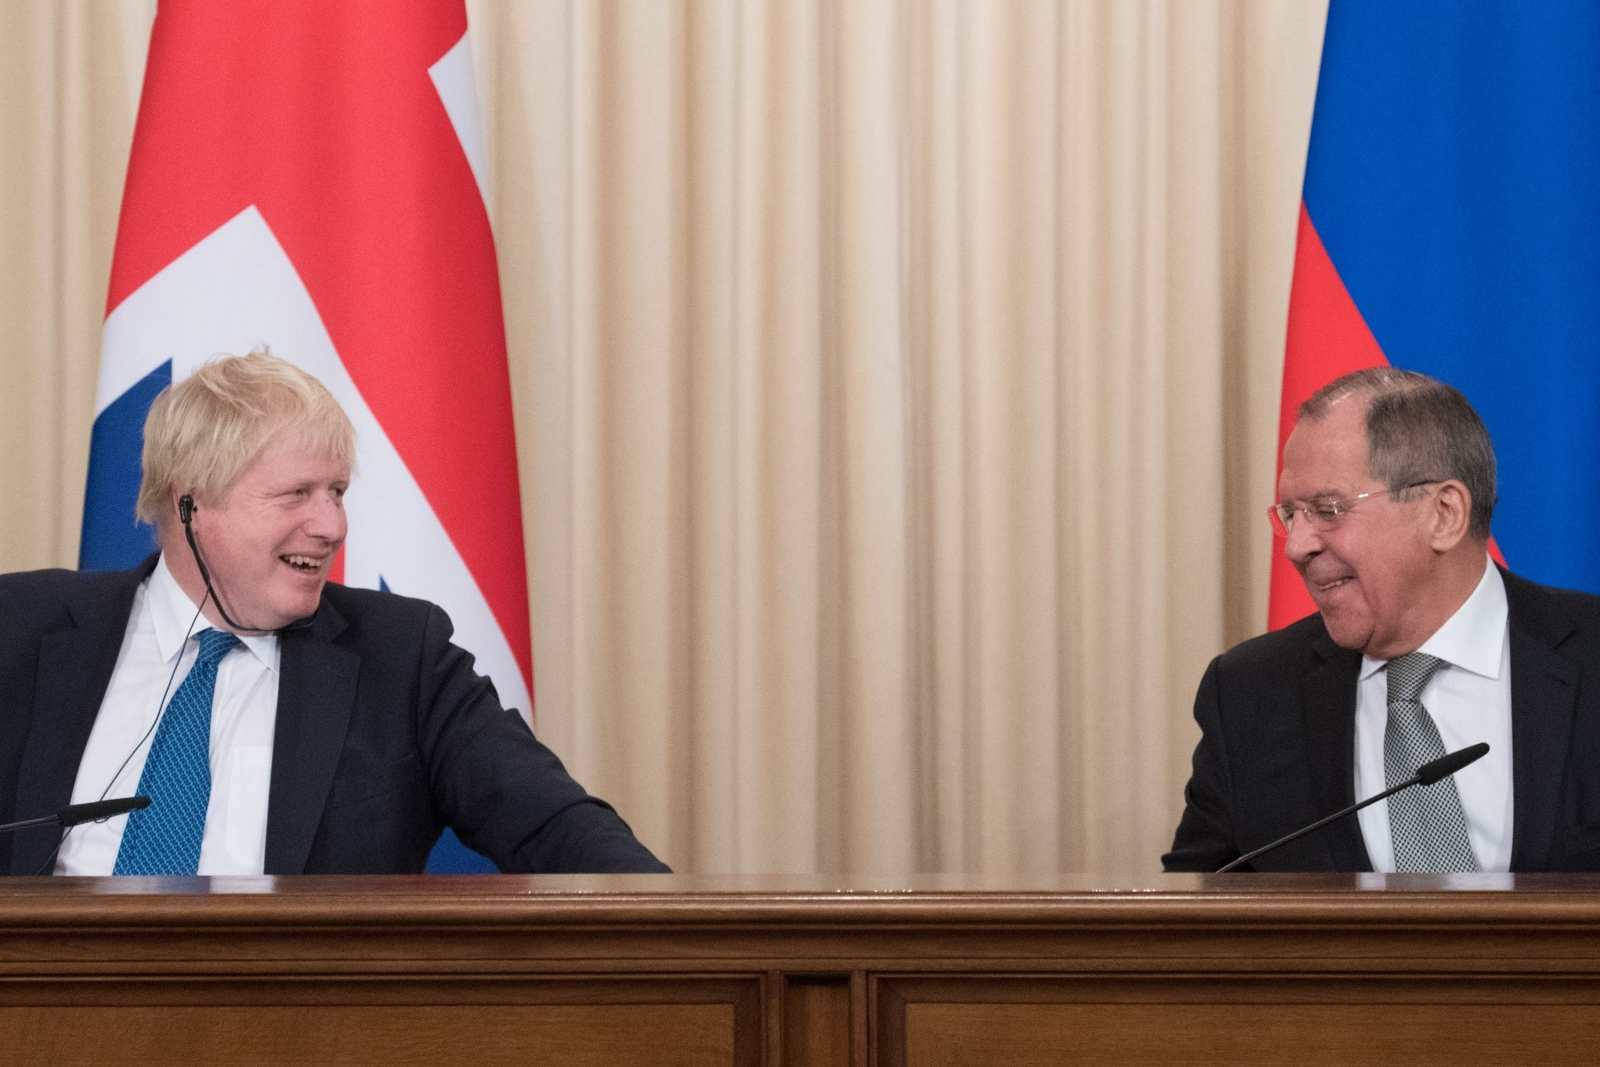 Boris Johnson and Sergei Lavrov